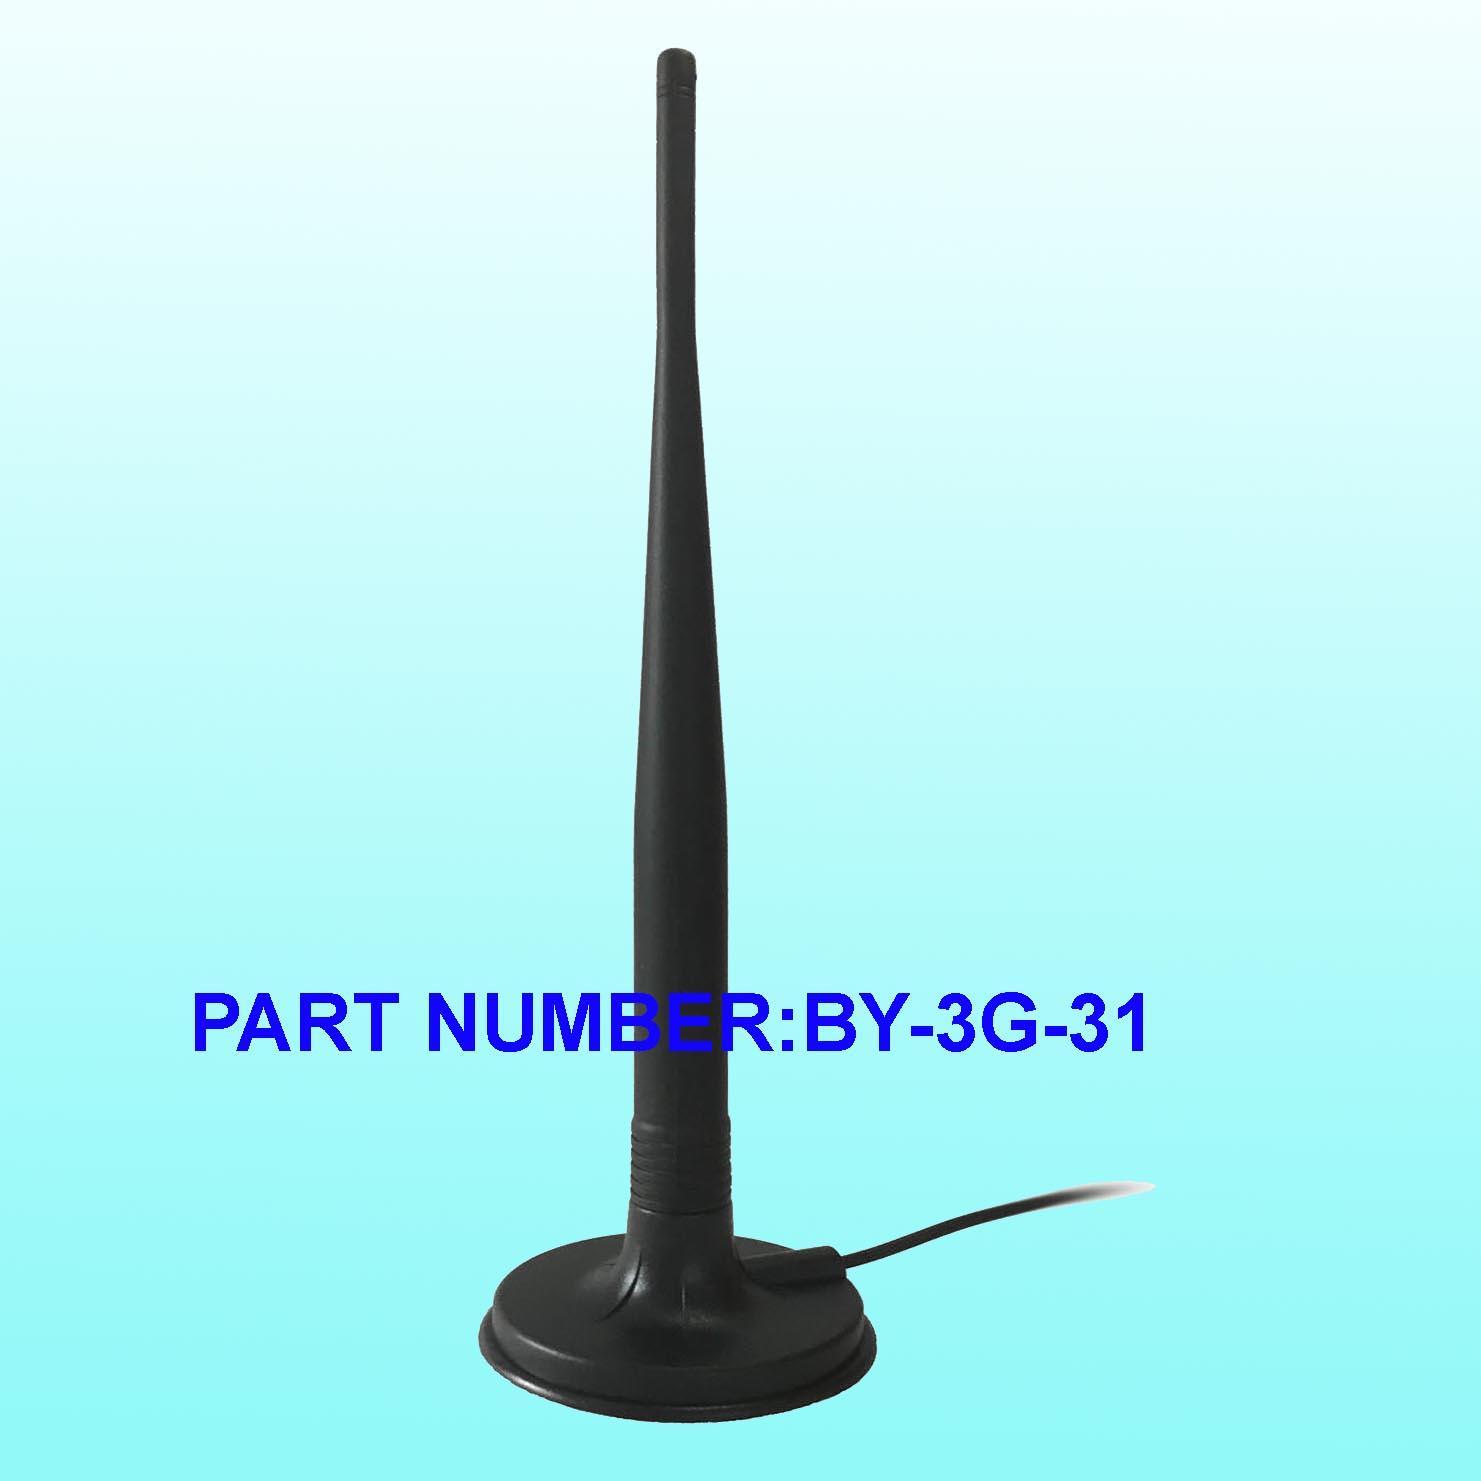 3G吸盘天线 1